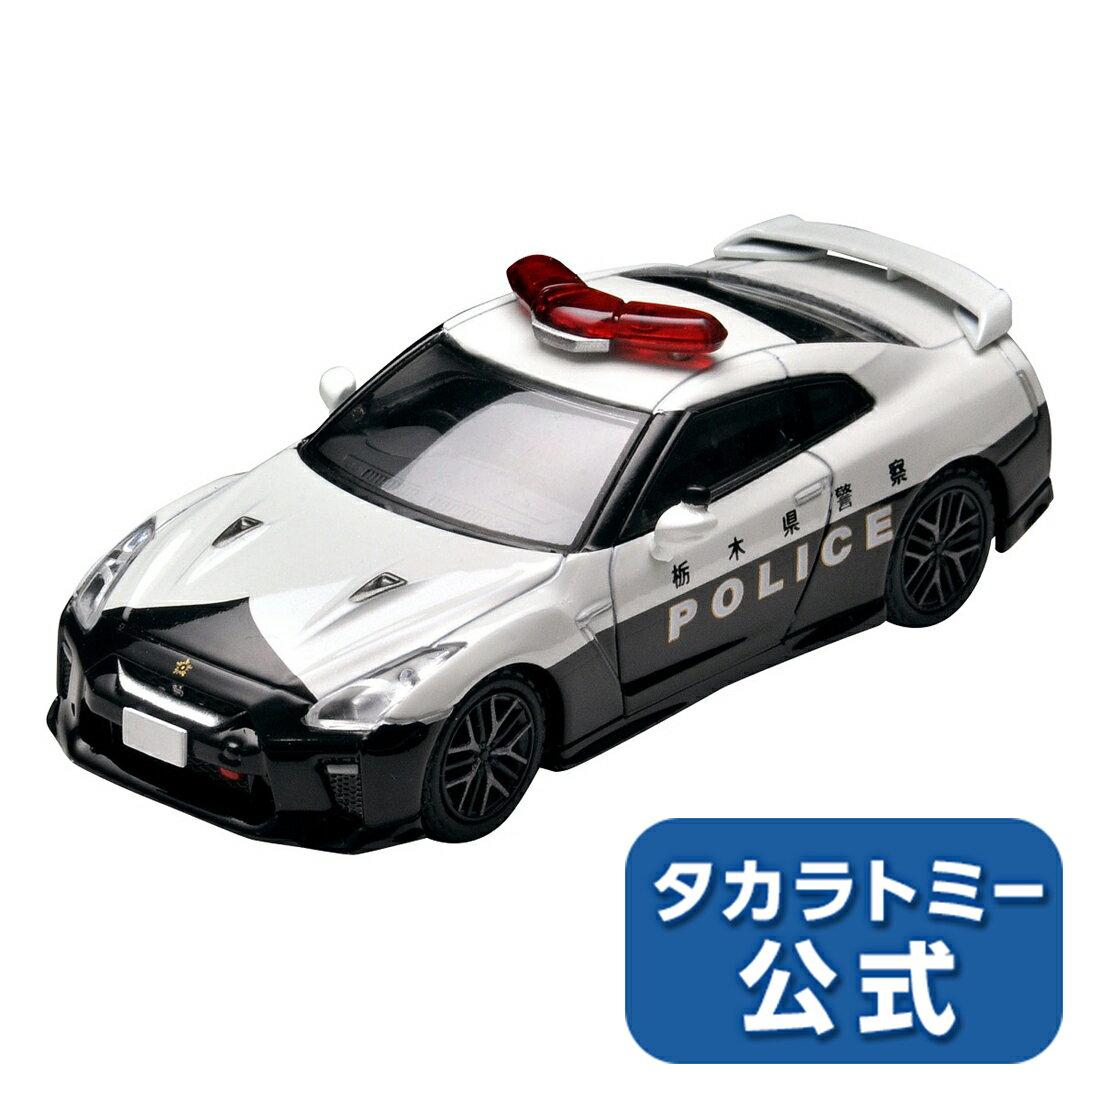 トミカリミテッドヴィンテージネオ LV-N184a NISSAN GT-R パトロールカー